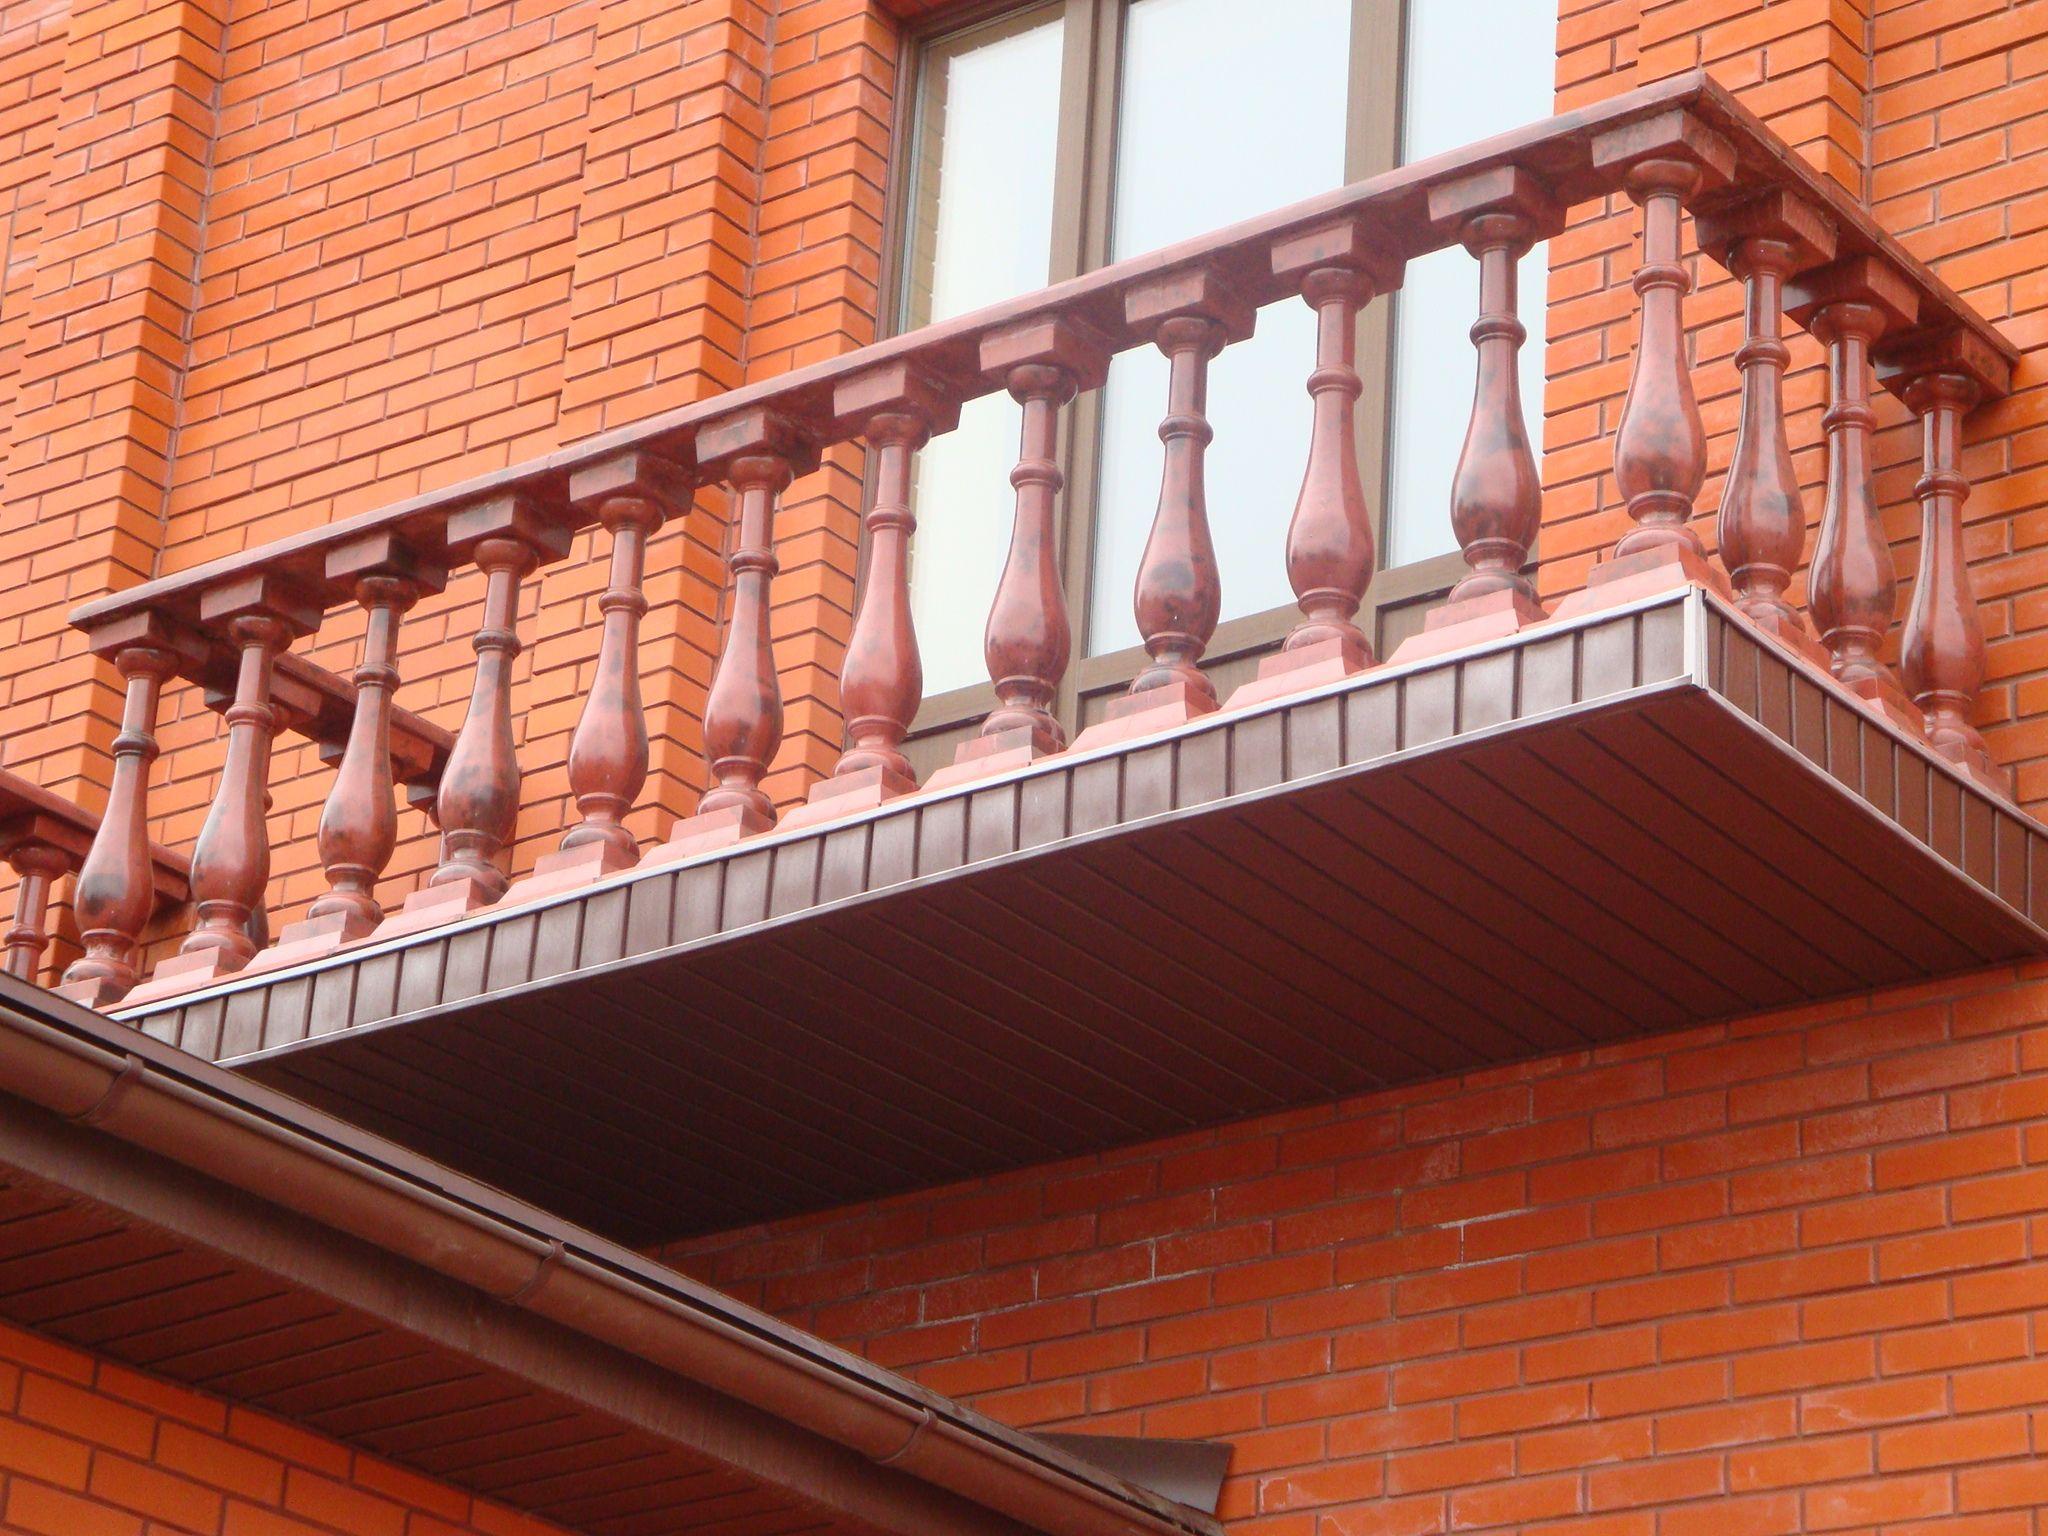 Балюстрада балкон коллекция изображений.